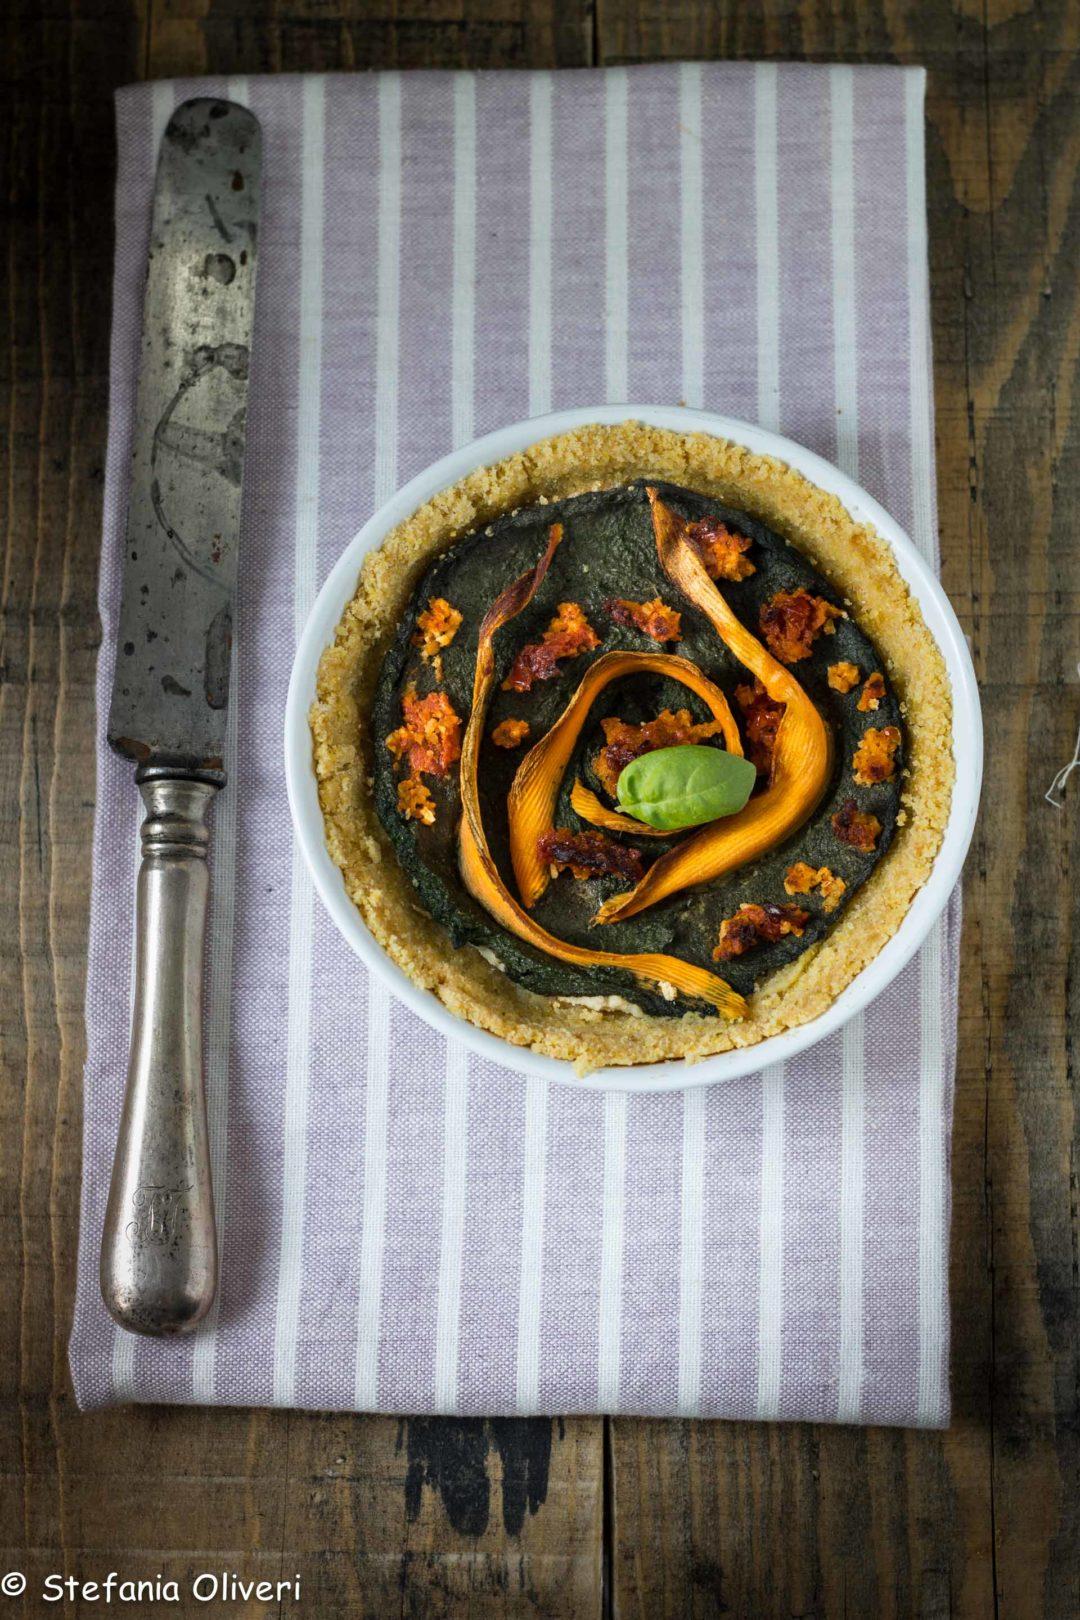 Torta salata vegan e senza glutine - Cardamomo & co